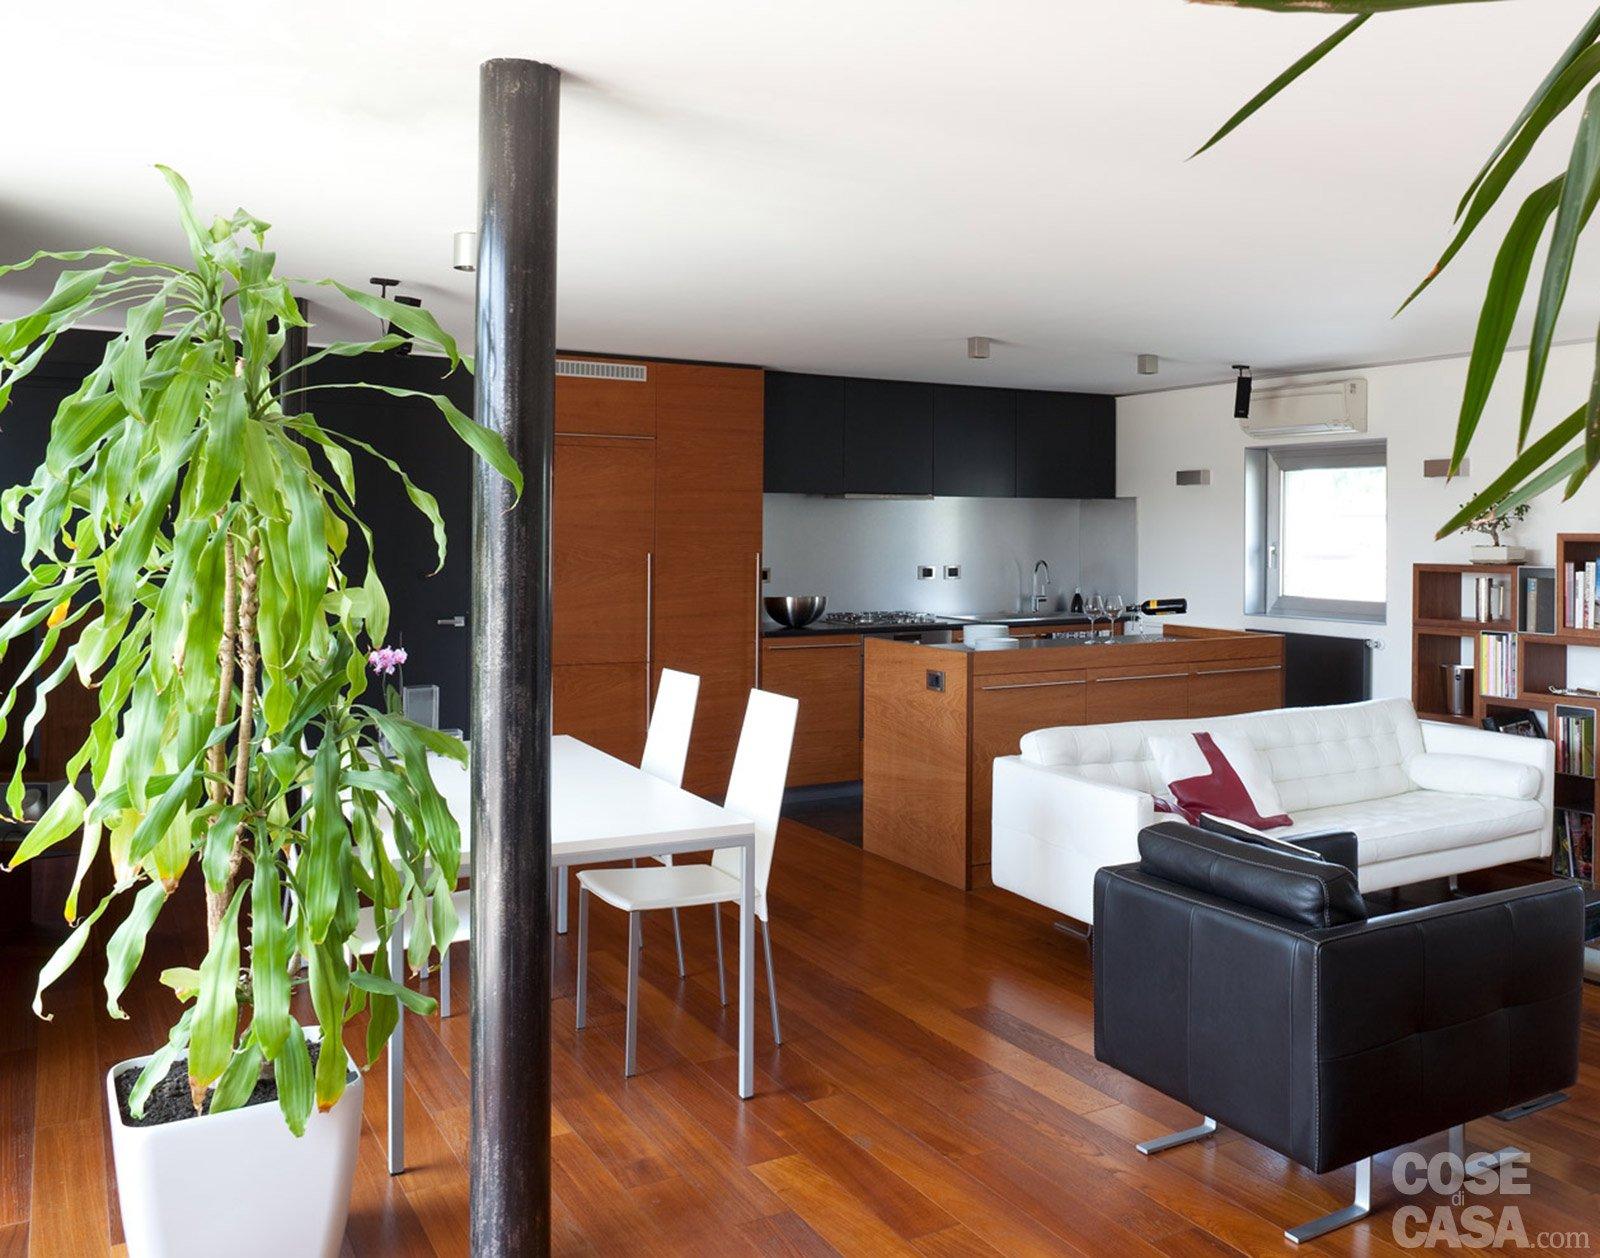 80 mq una casa per due perfetta per fare inviti cose for Come finanziare una casa